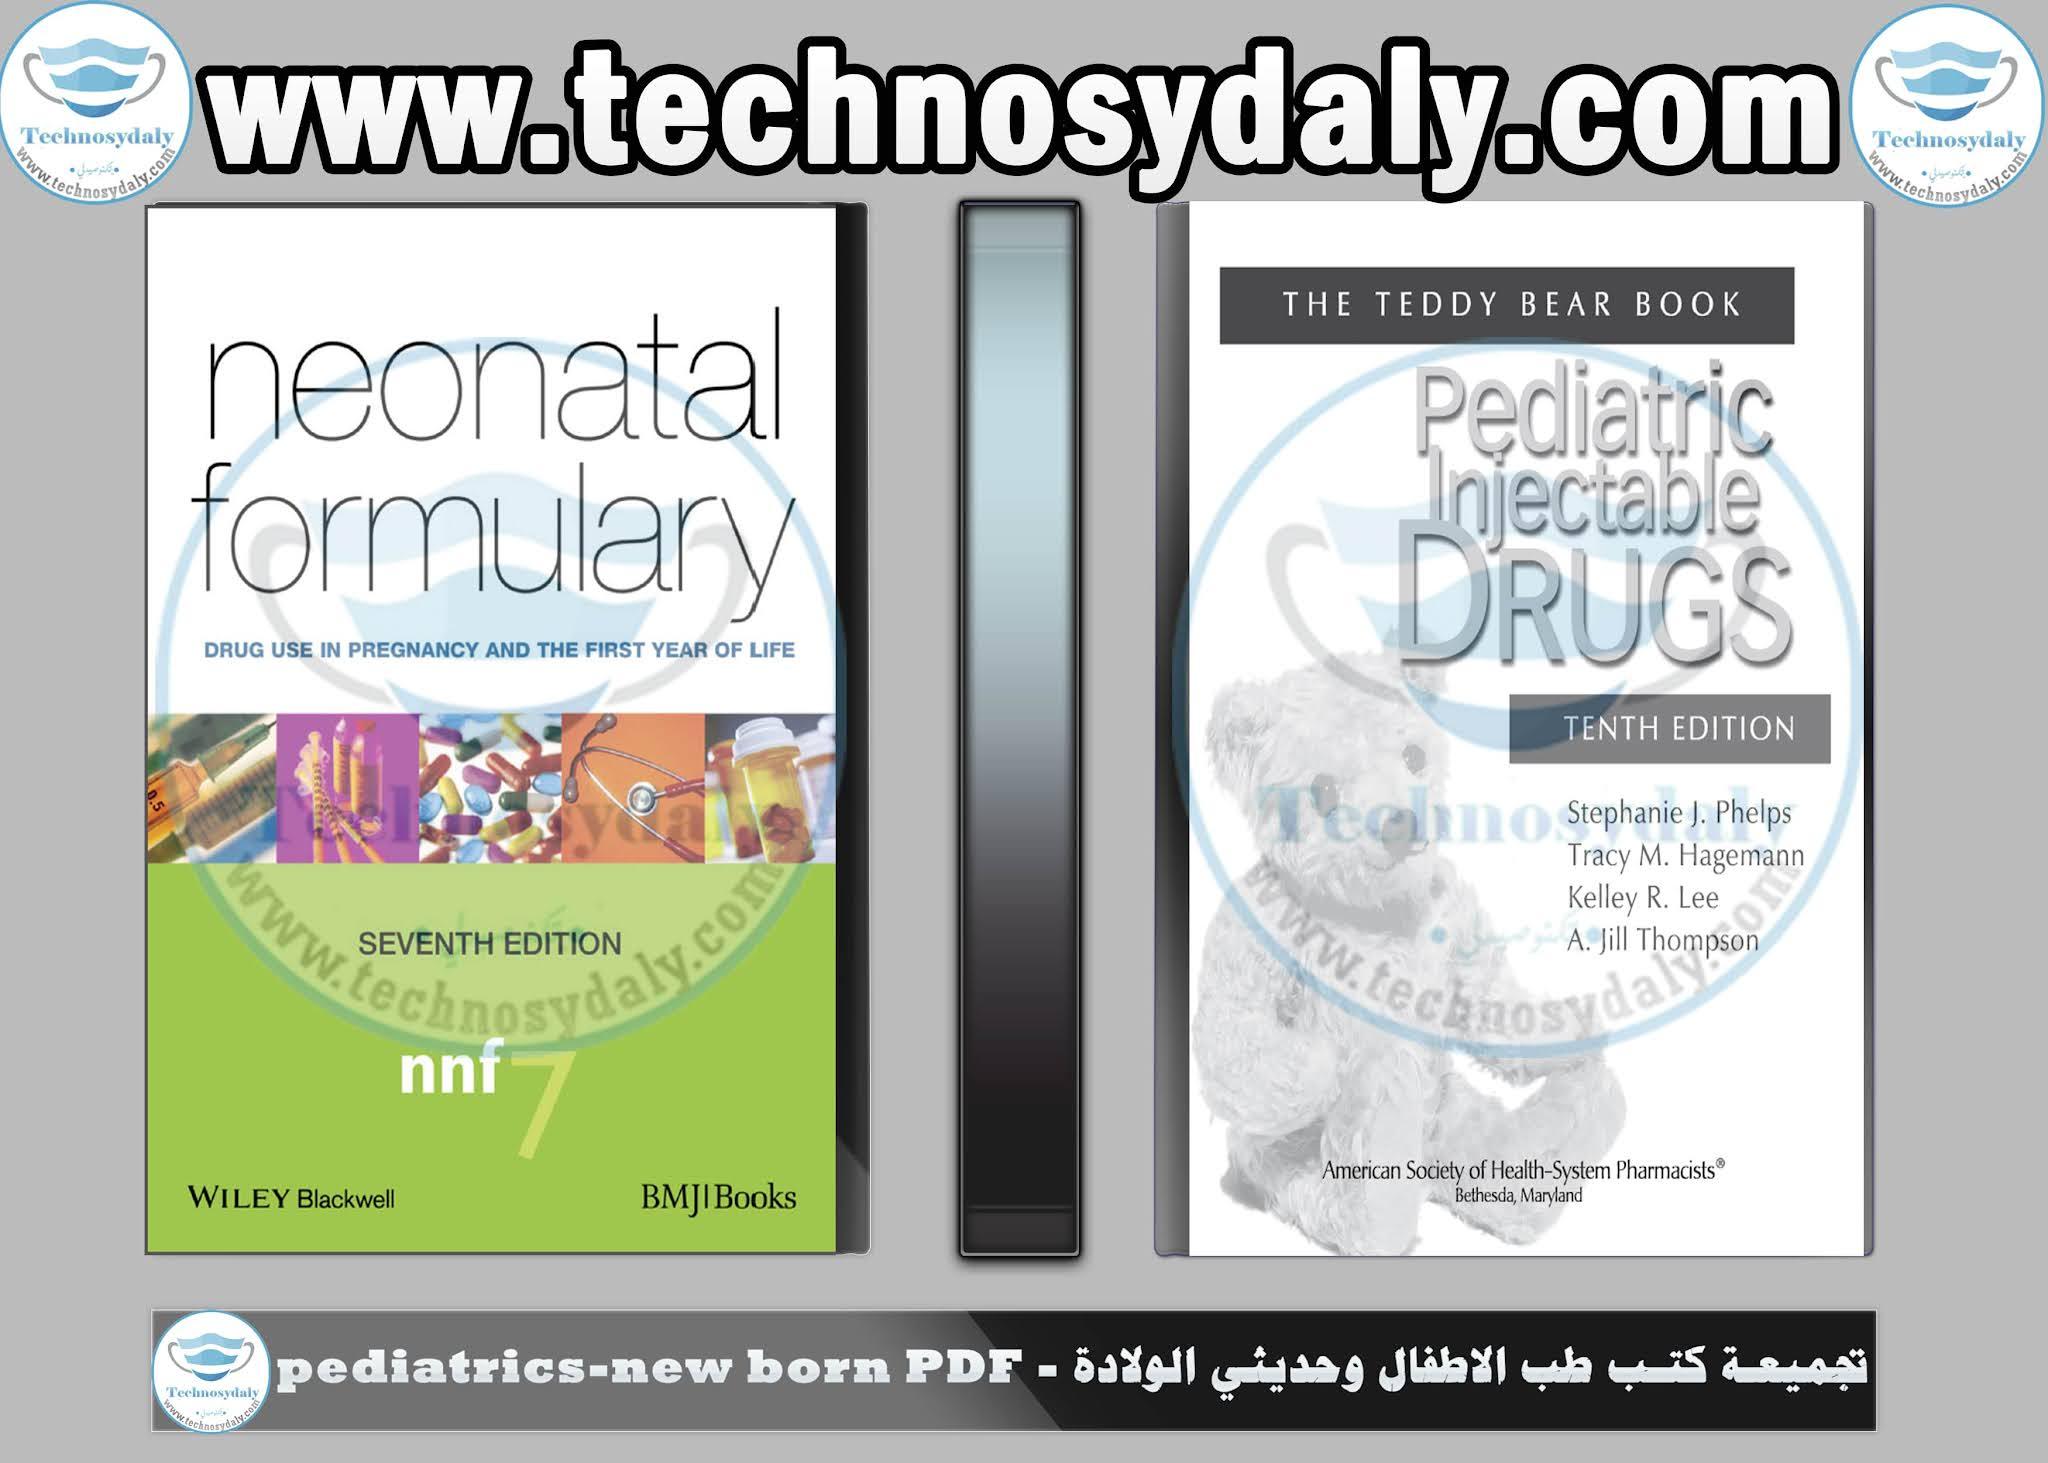 تجميعة كتب طب الاطفال وحديثي الولادة - pediatrics-new born PDF